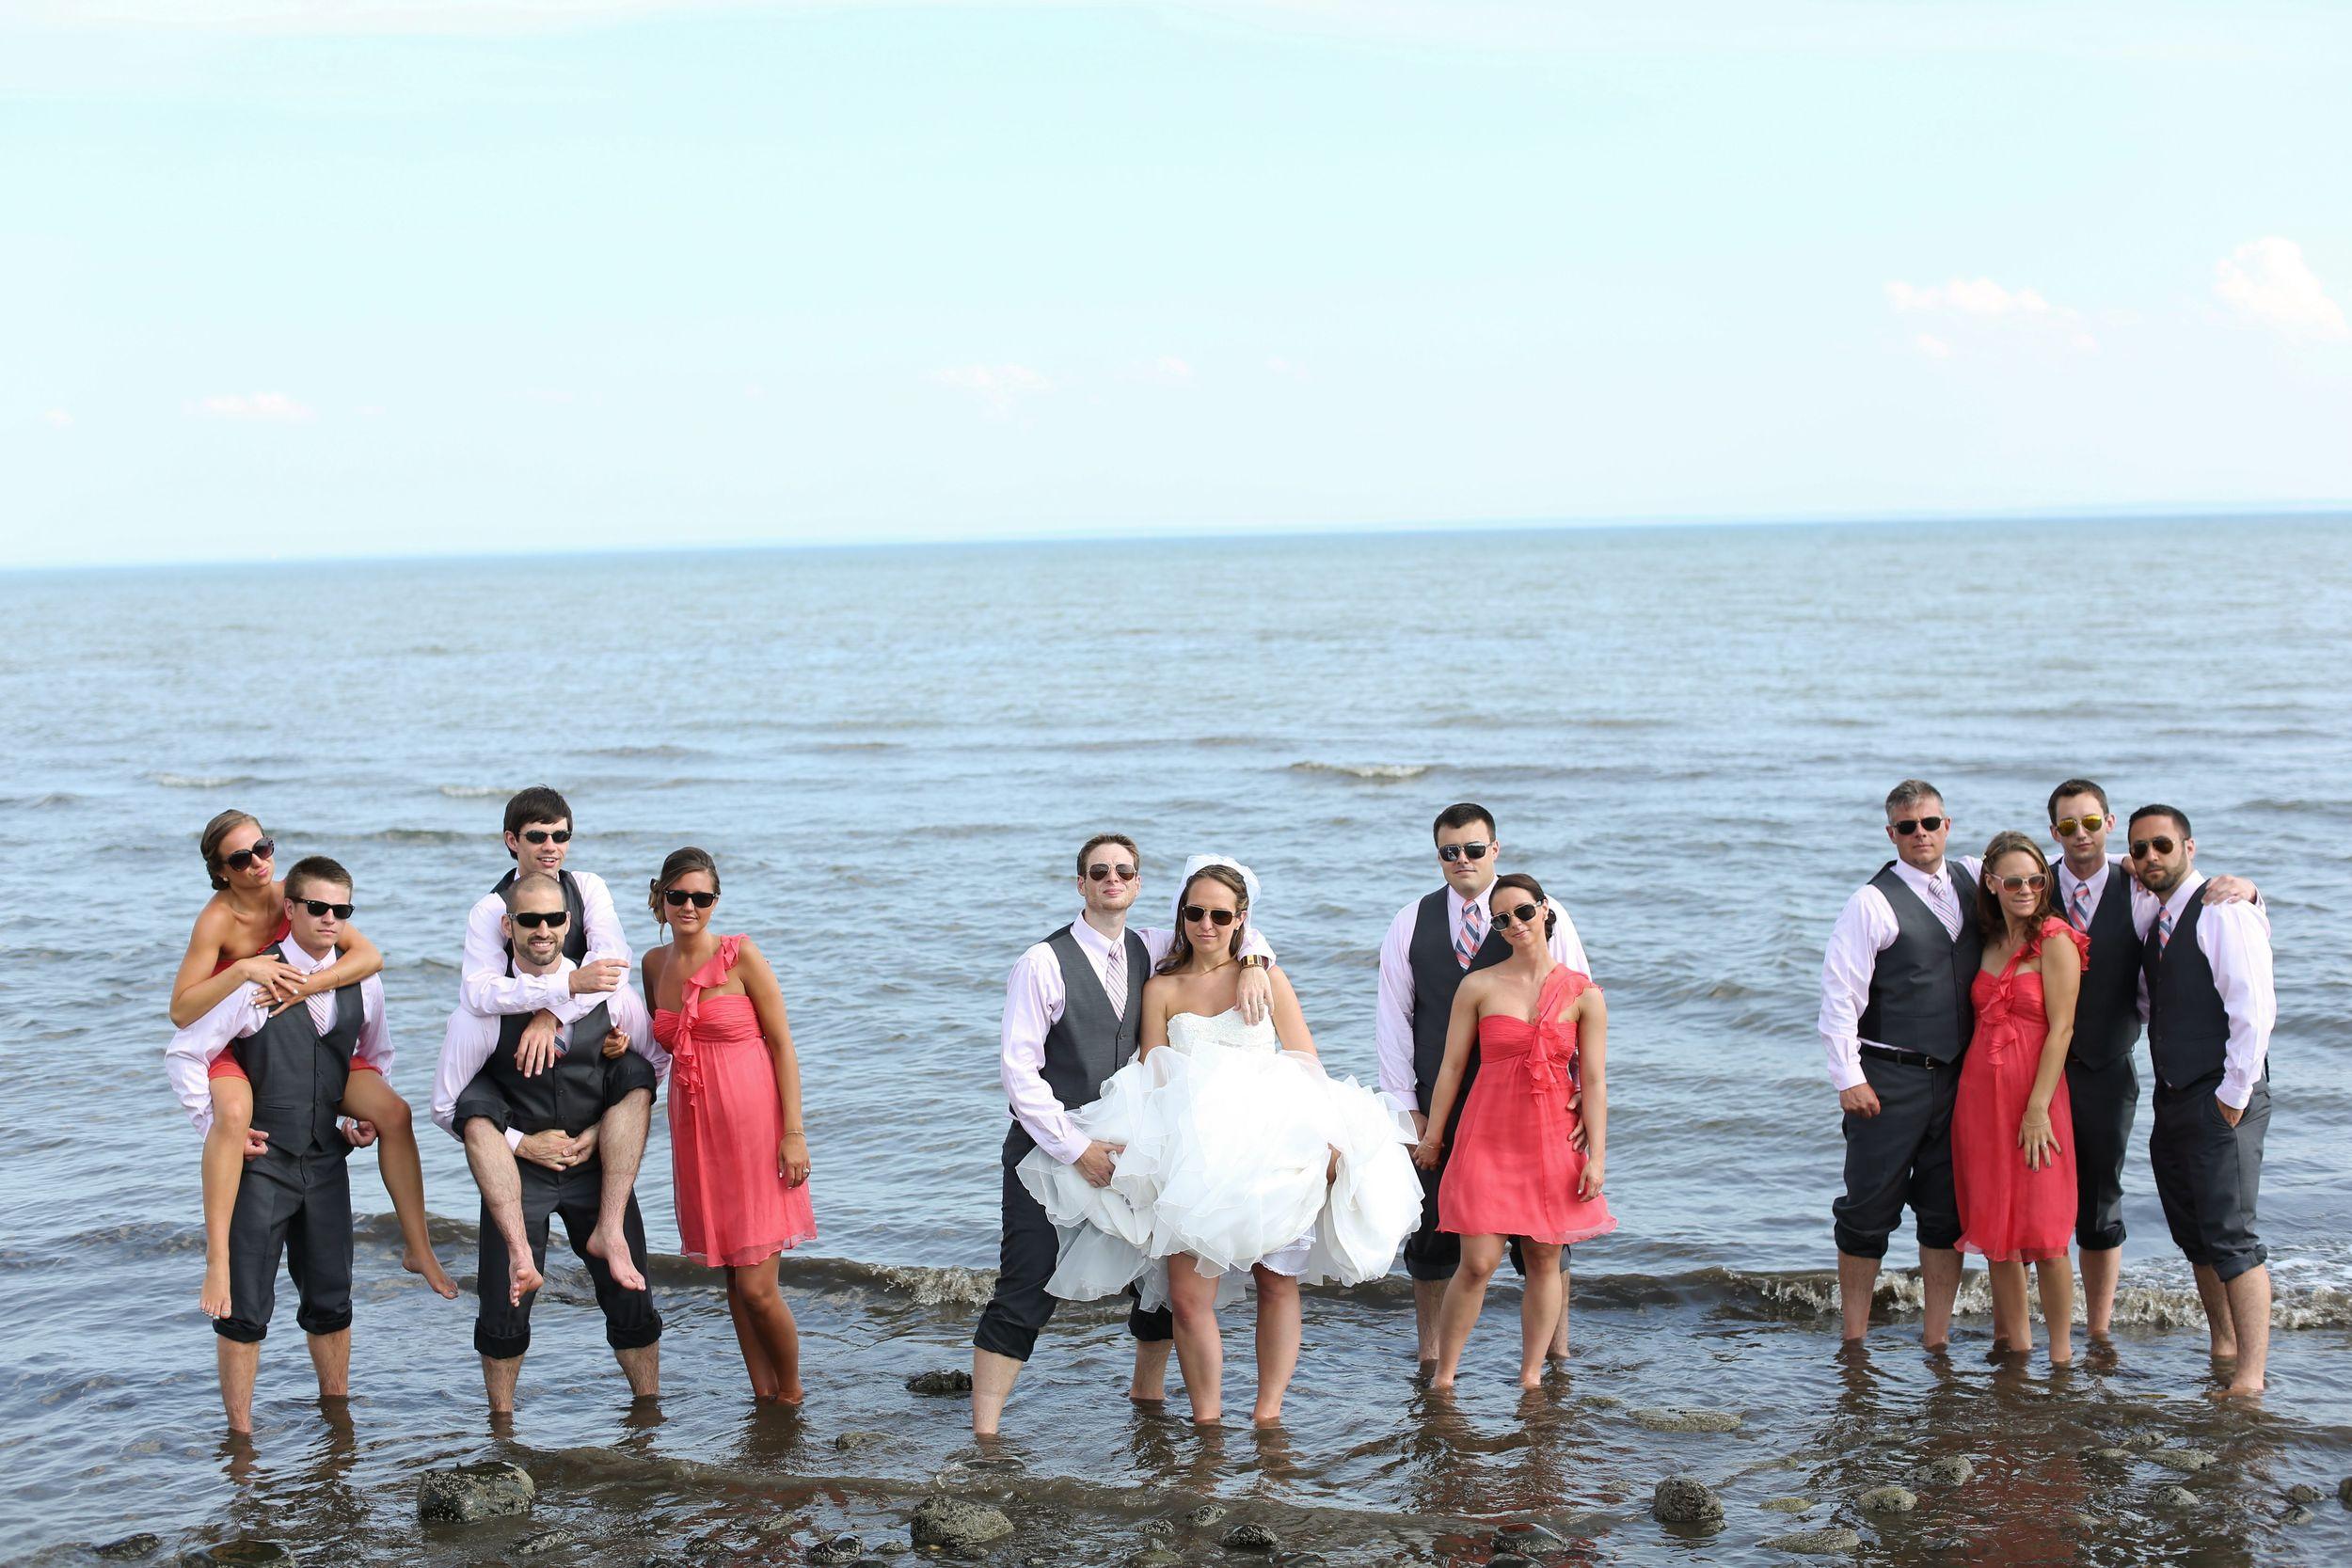 Milford Yacht Club Wedding Fairfield County Wedding Amy Champagne Events11.jpg